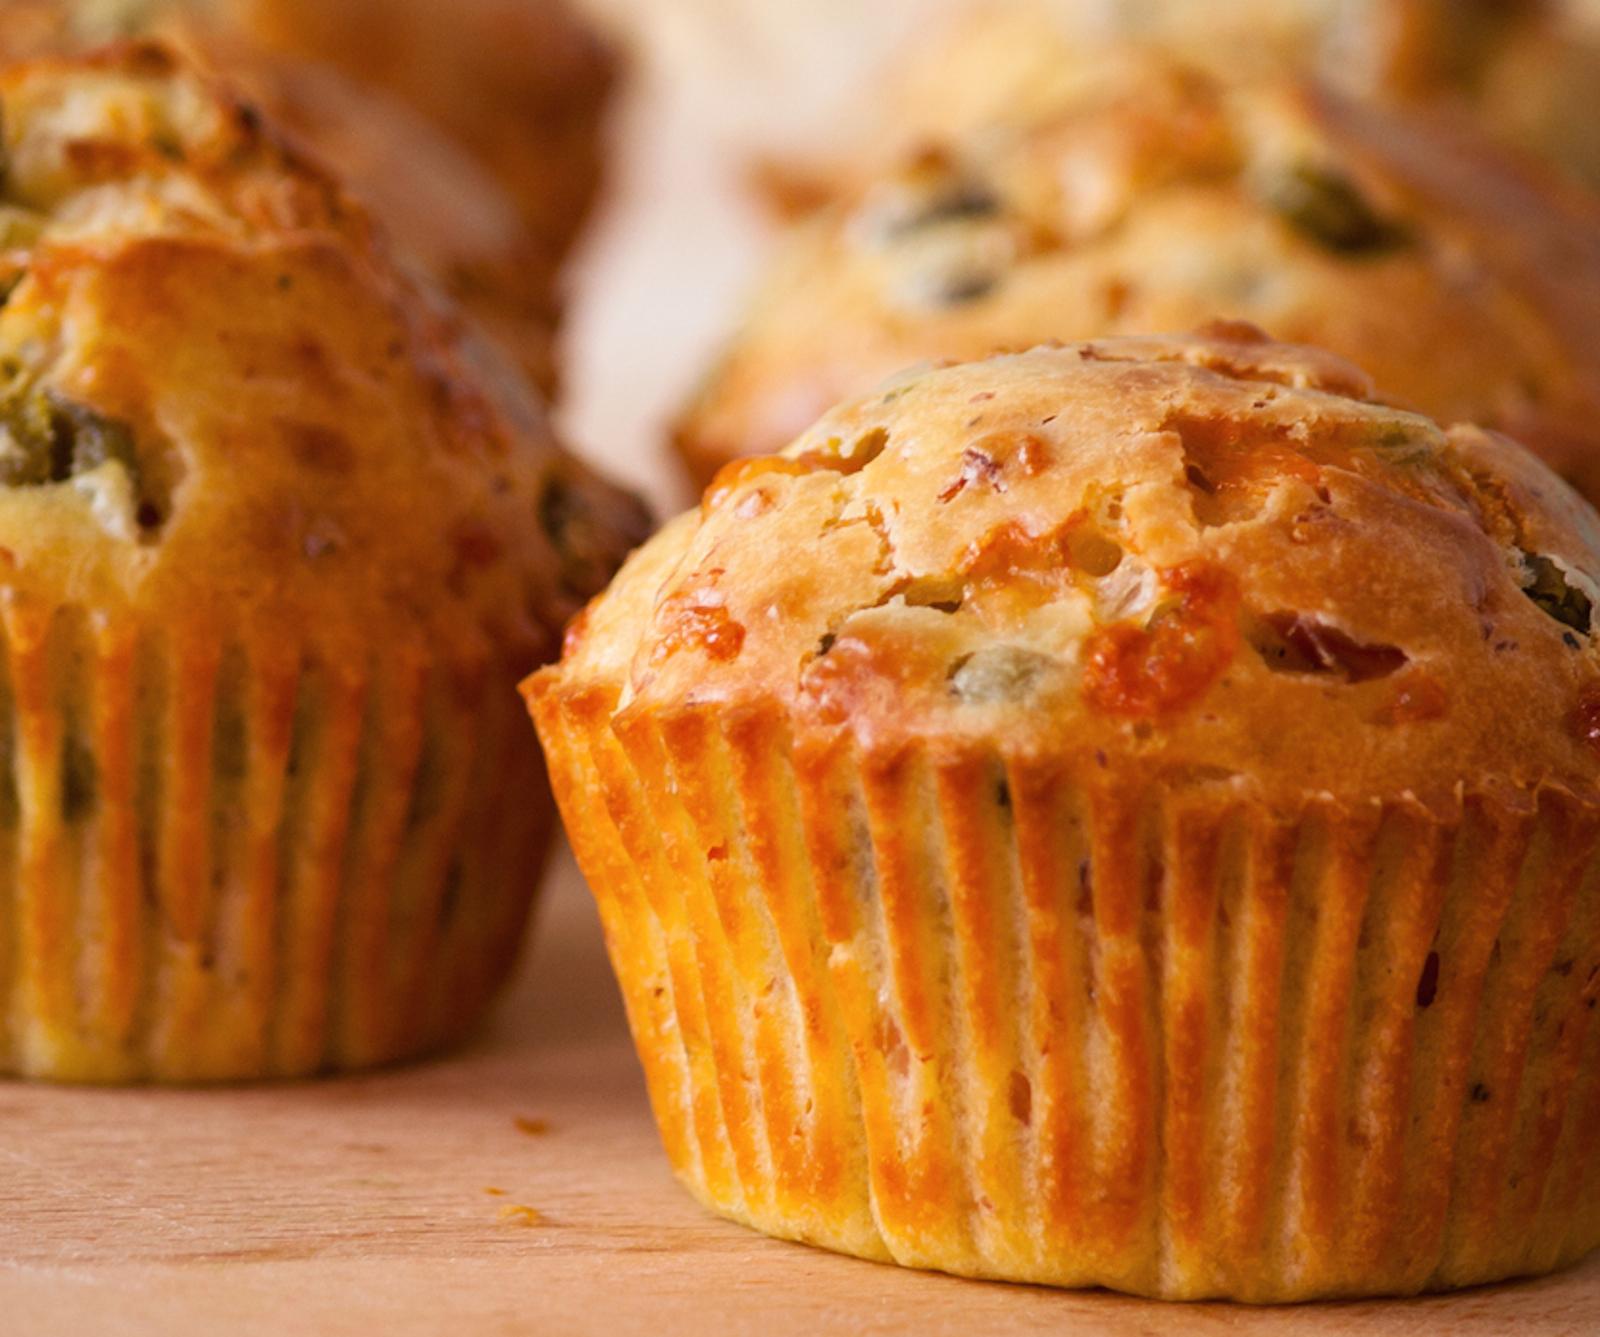 idee-per-un-picnic-in-famiglia:-muffin-con-fave-e-salame